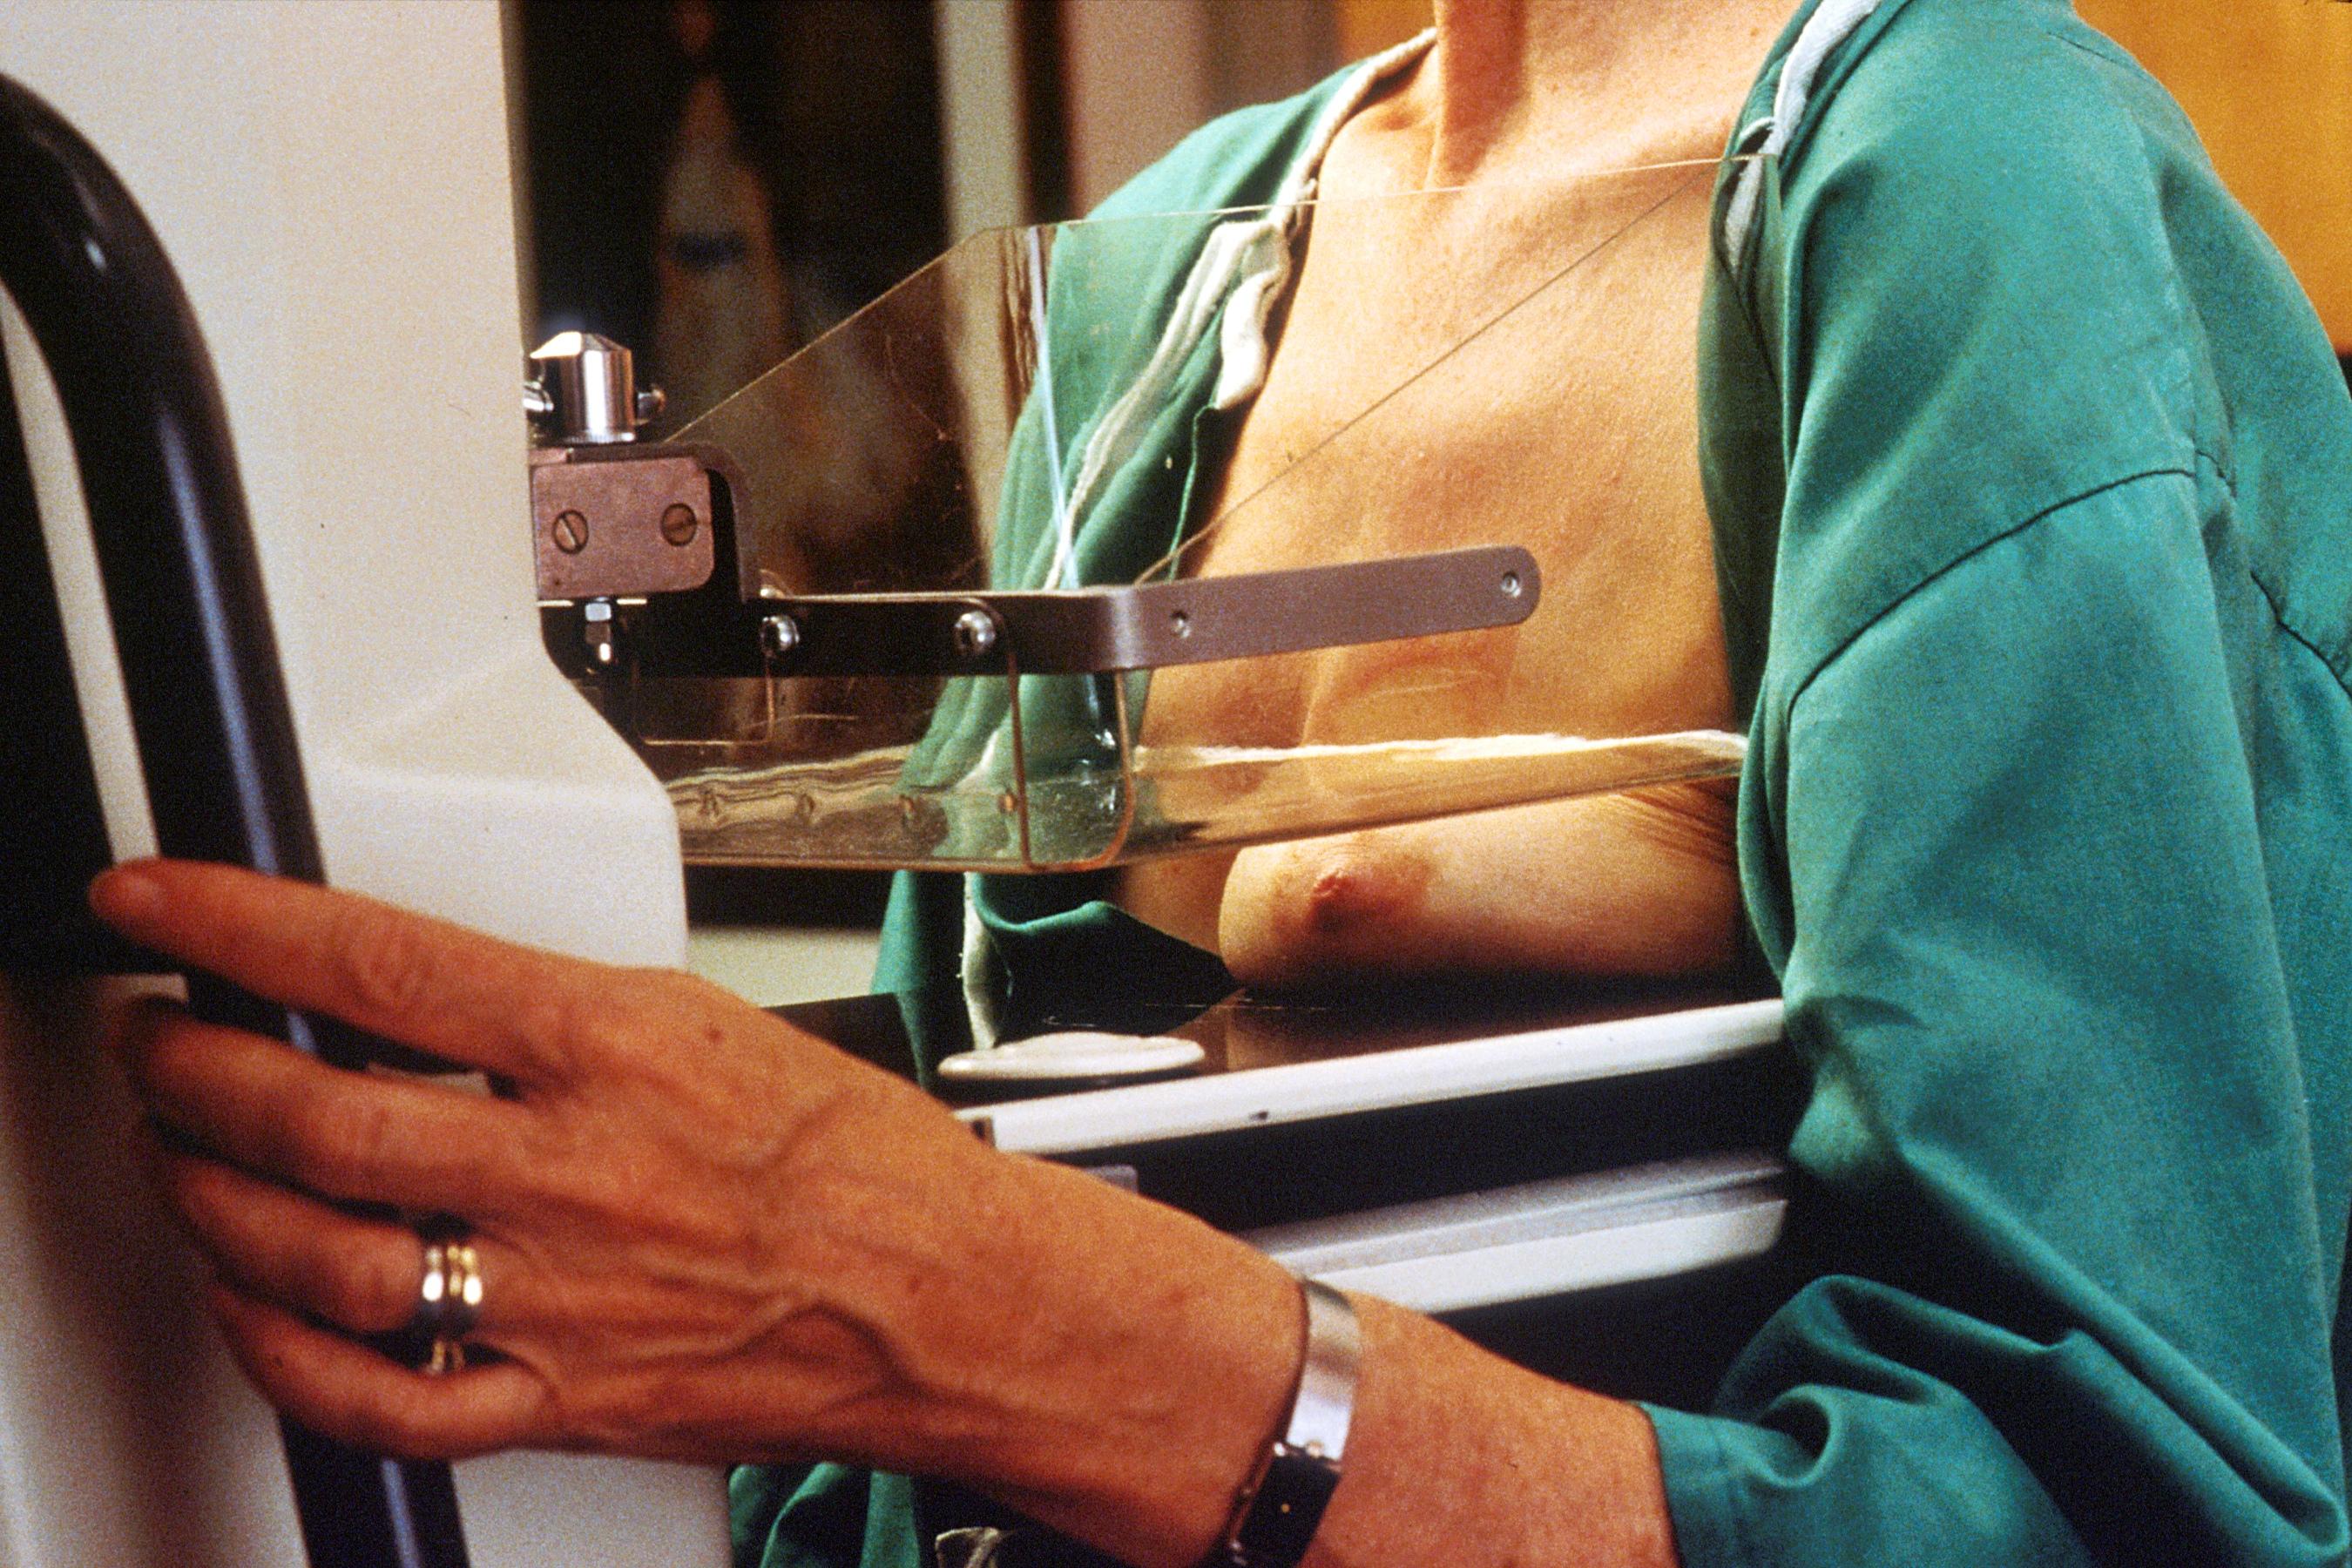 Las mujeres con baja densidad de las mamas tienen un peor pronóstico en caso de cáncer